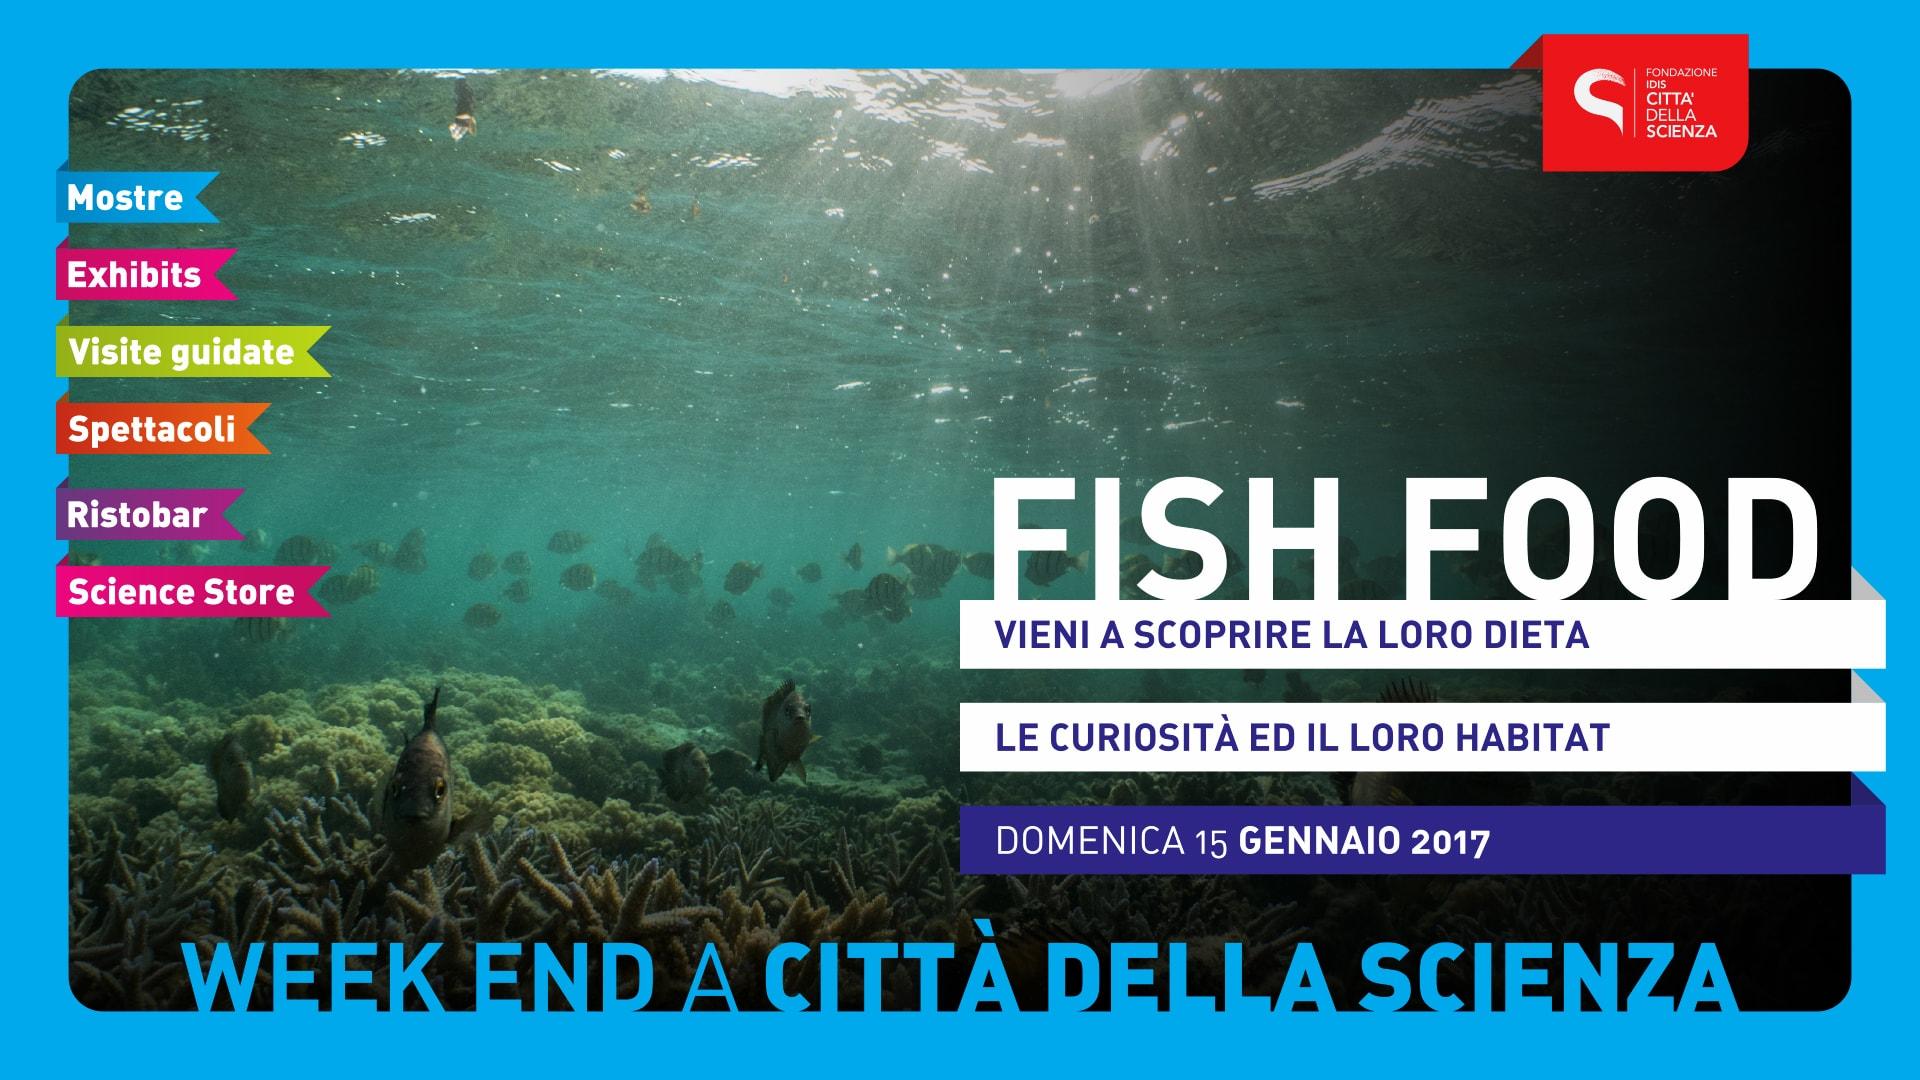 FISH_FOOD_1920_x_1080-min